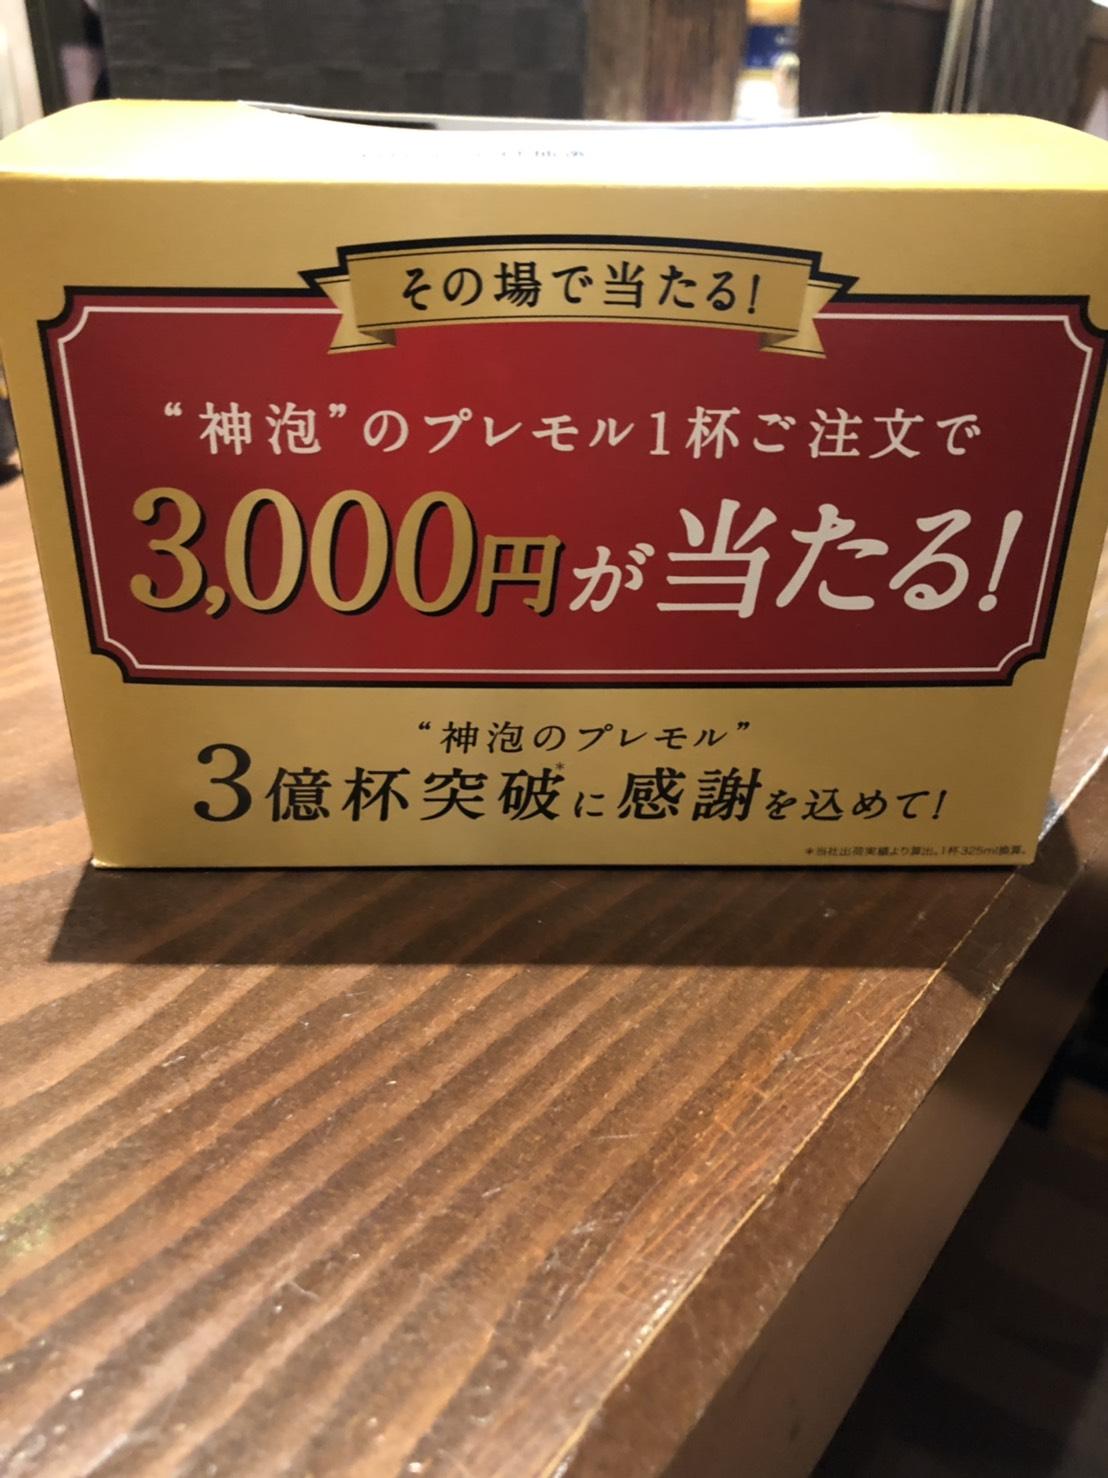 サントリー生ビール、一杯ご注文で3000円が当たるくじ開催してます。